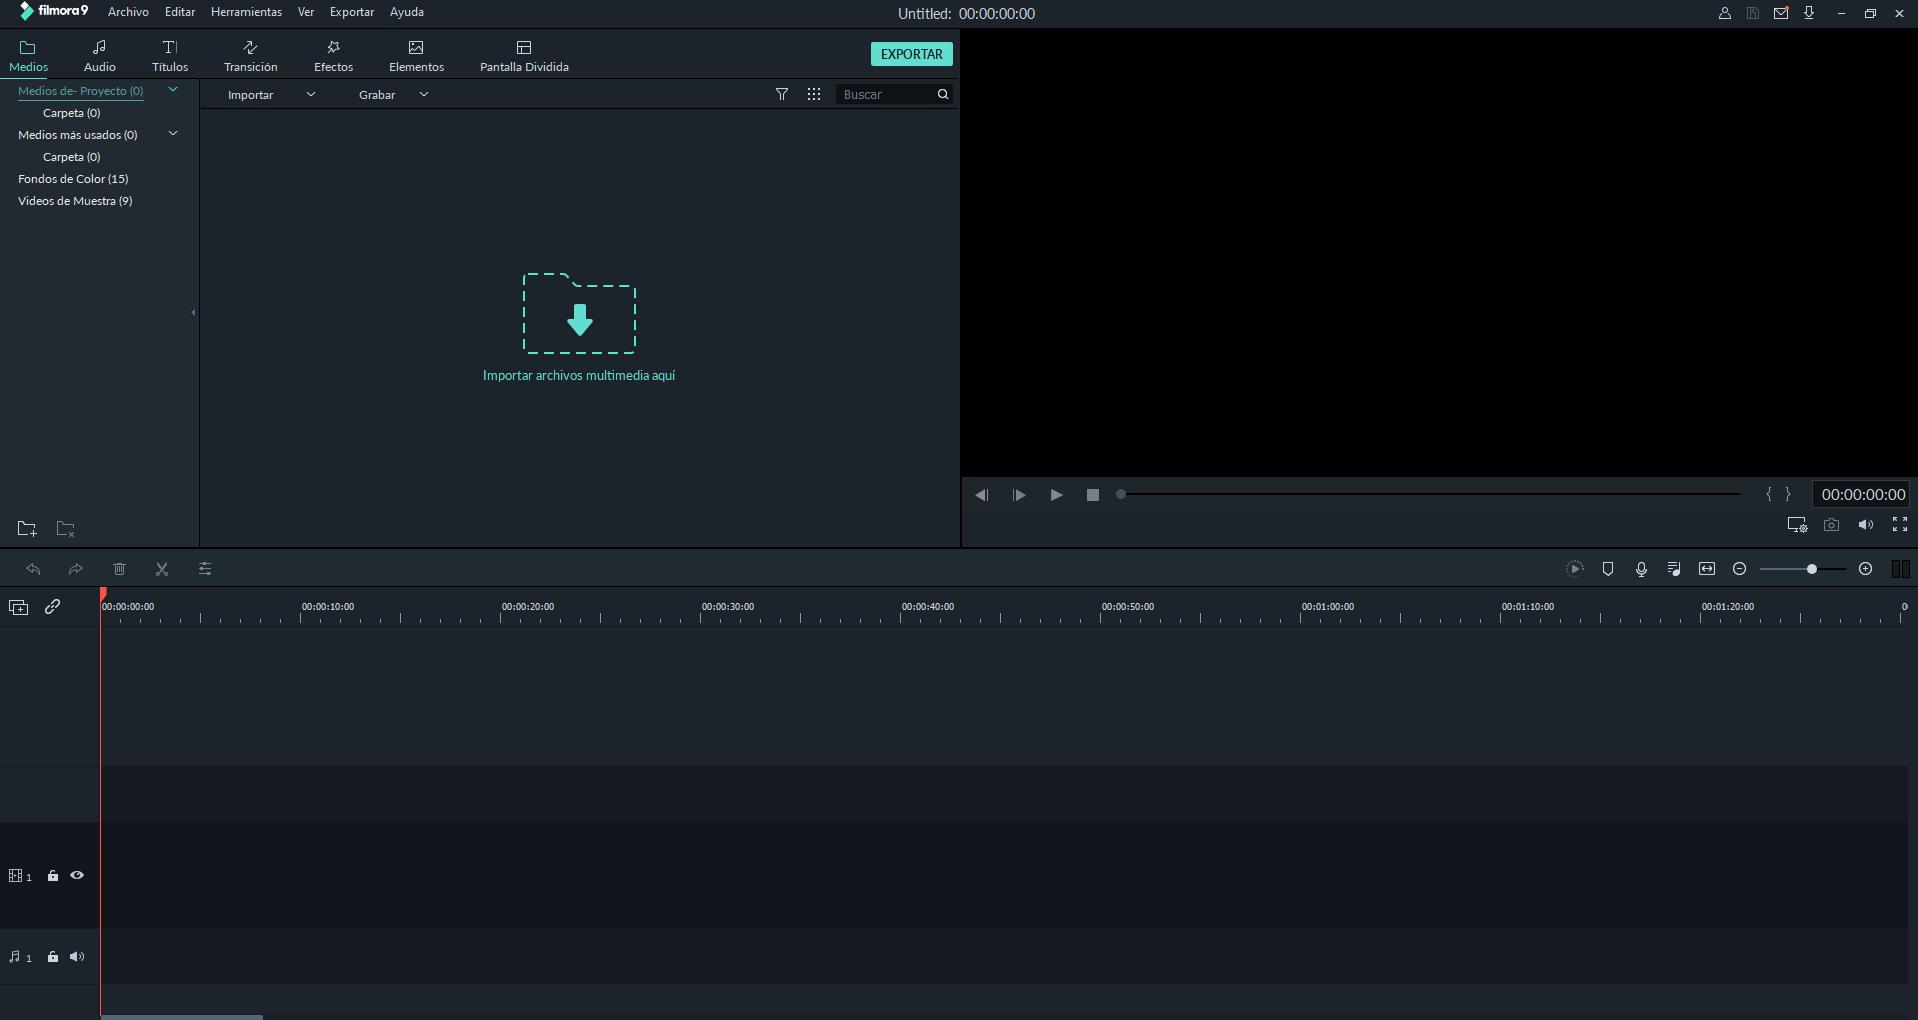 Captura de pantalla 2020-11-24 133029